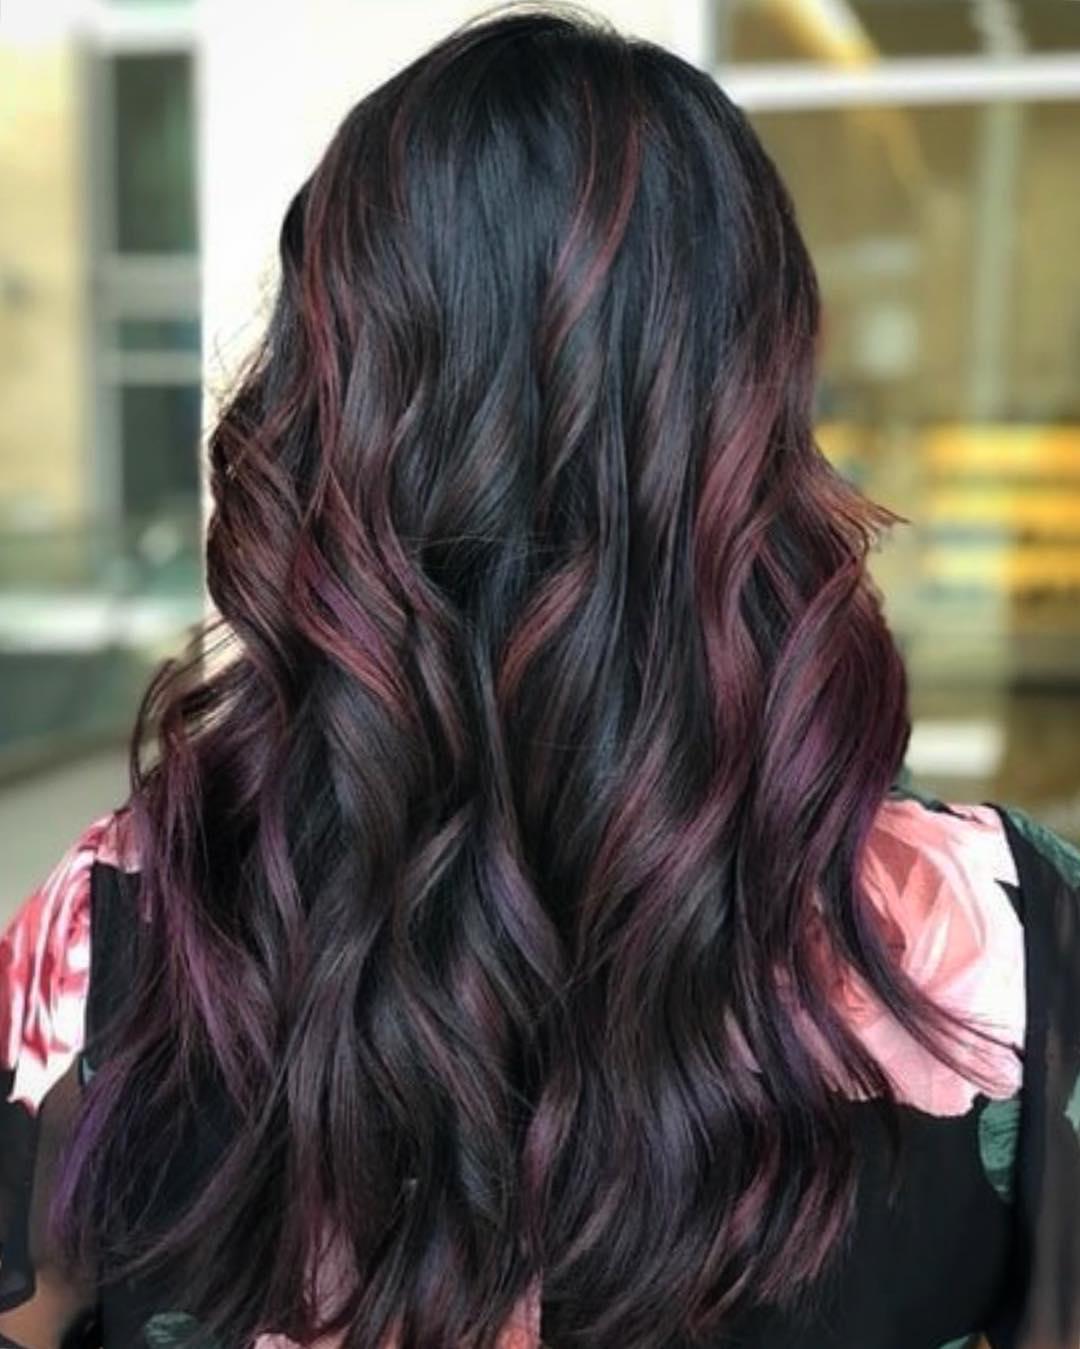 Mauve Hair Color by Destiny at Tangerine Salon Frisco